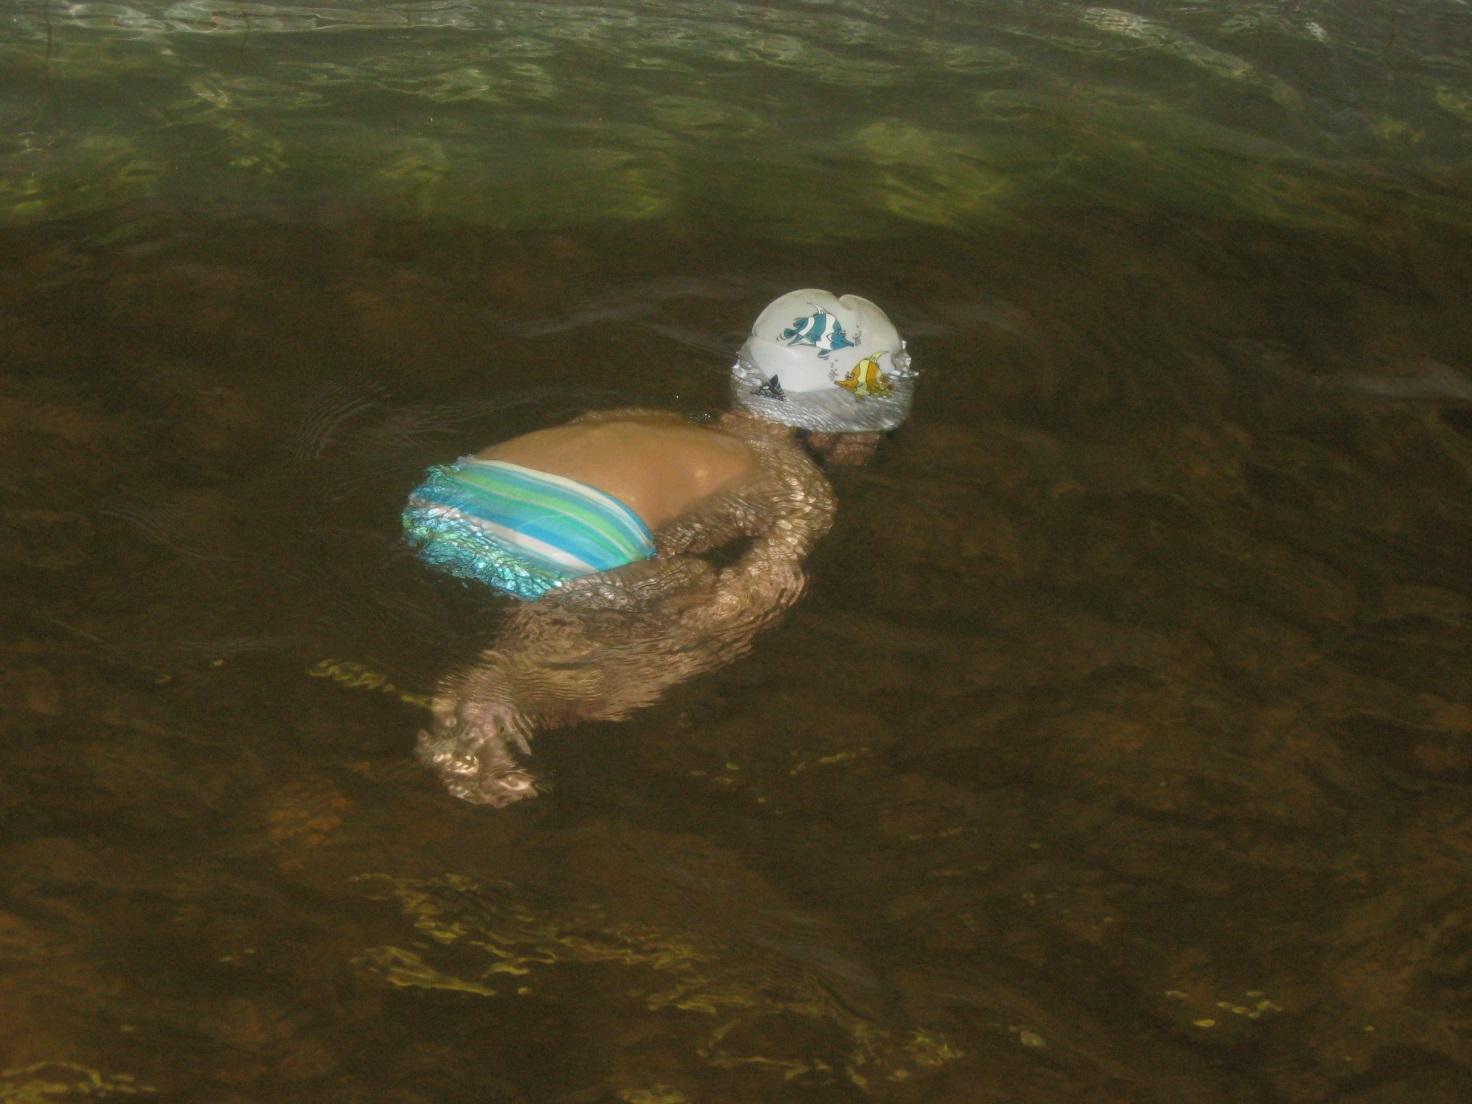 D:\упражнения в бассейне май 2010\упражнения в бассейне май 2010 013.jpg